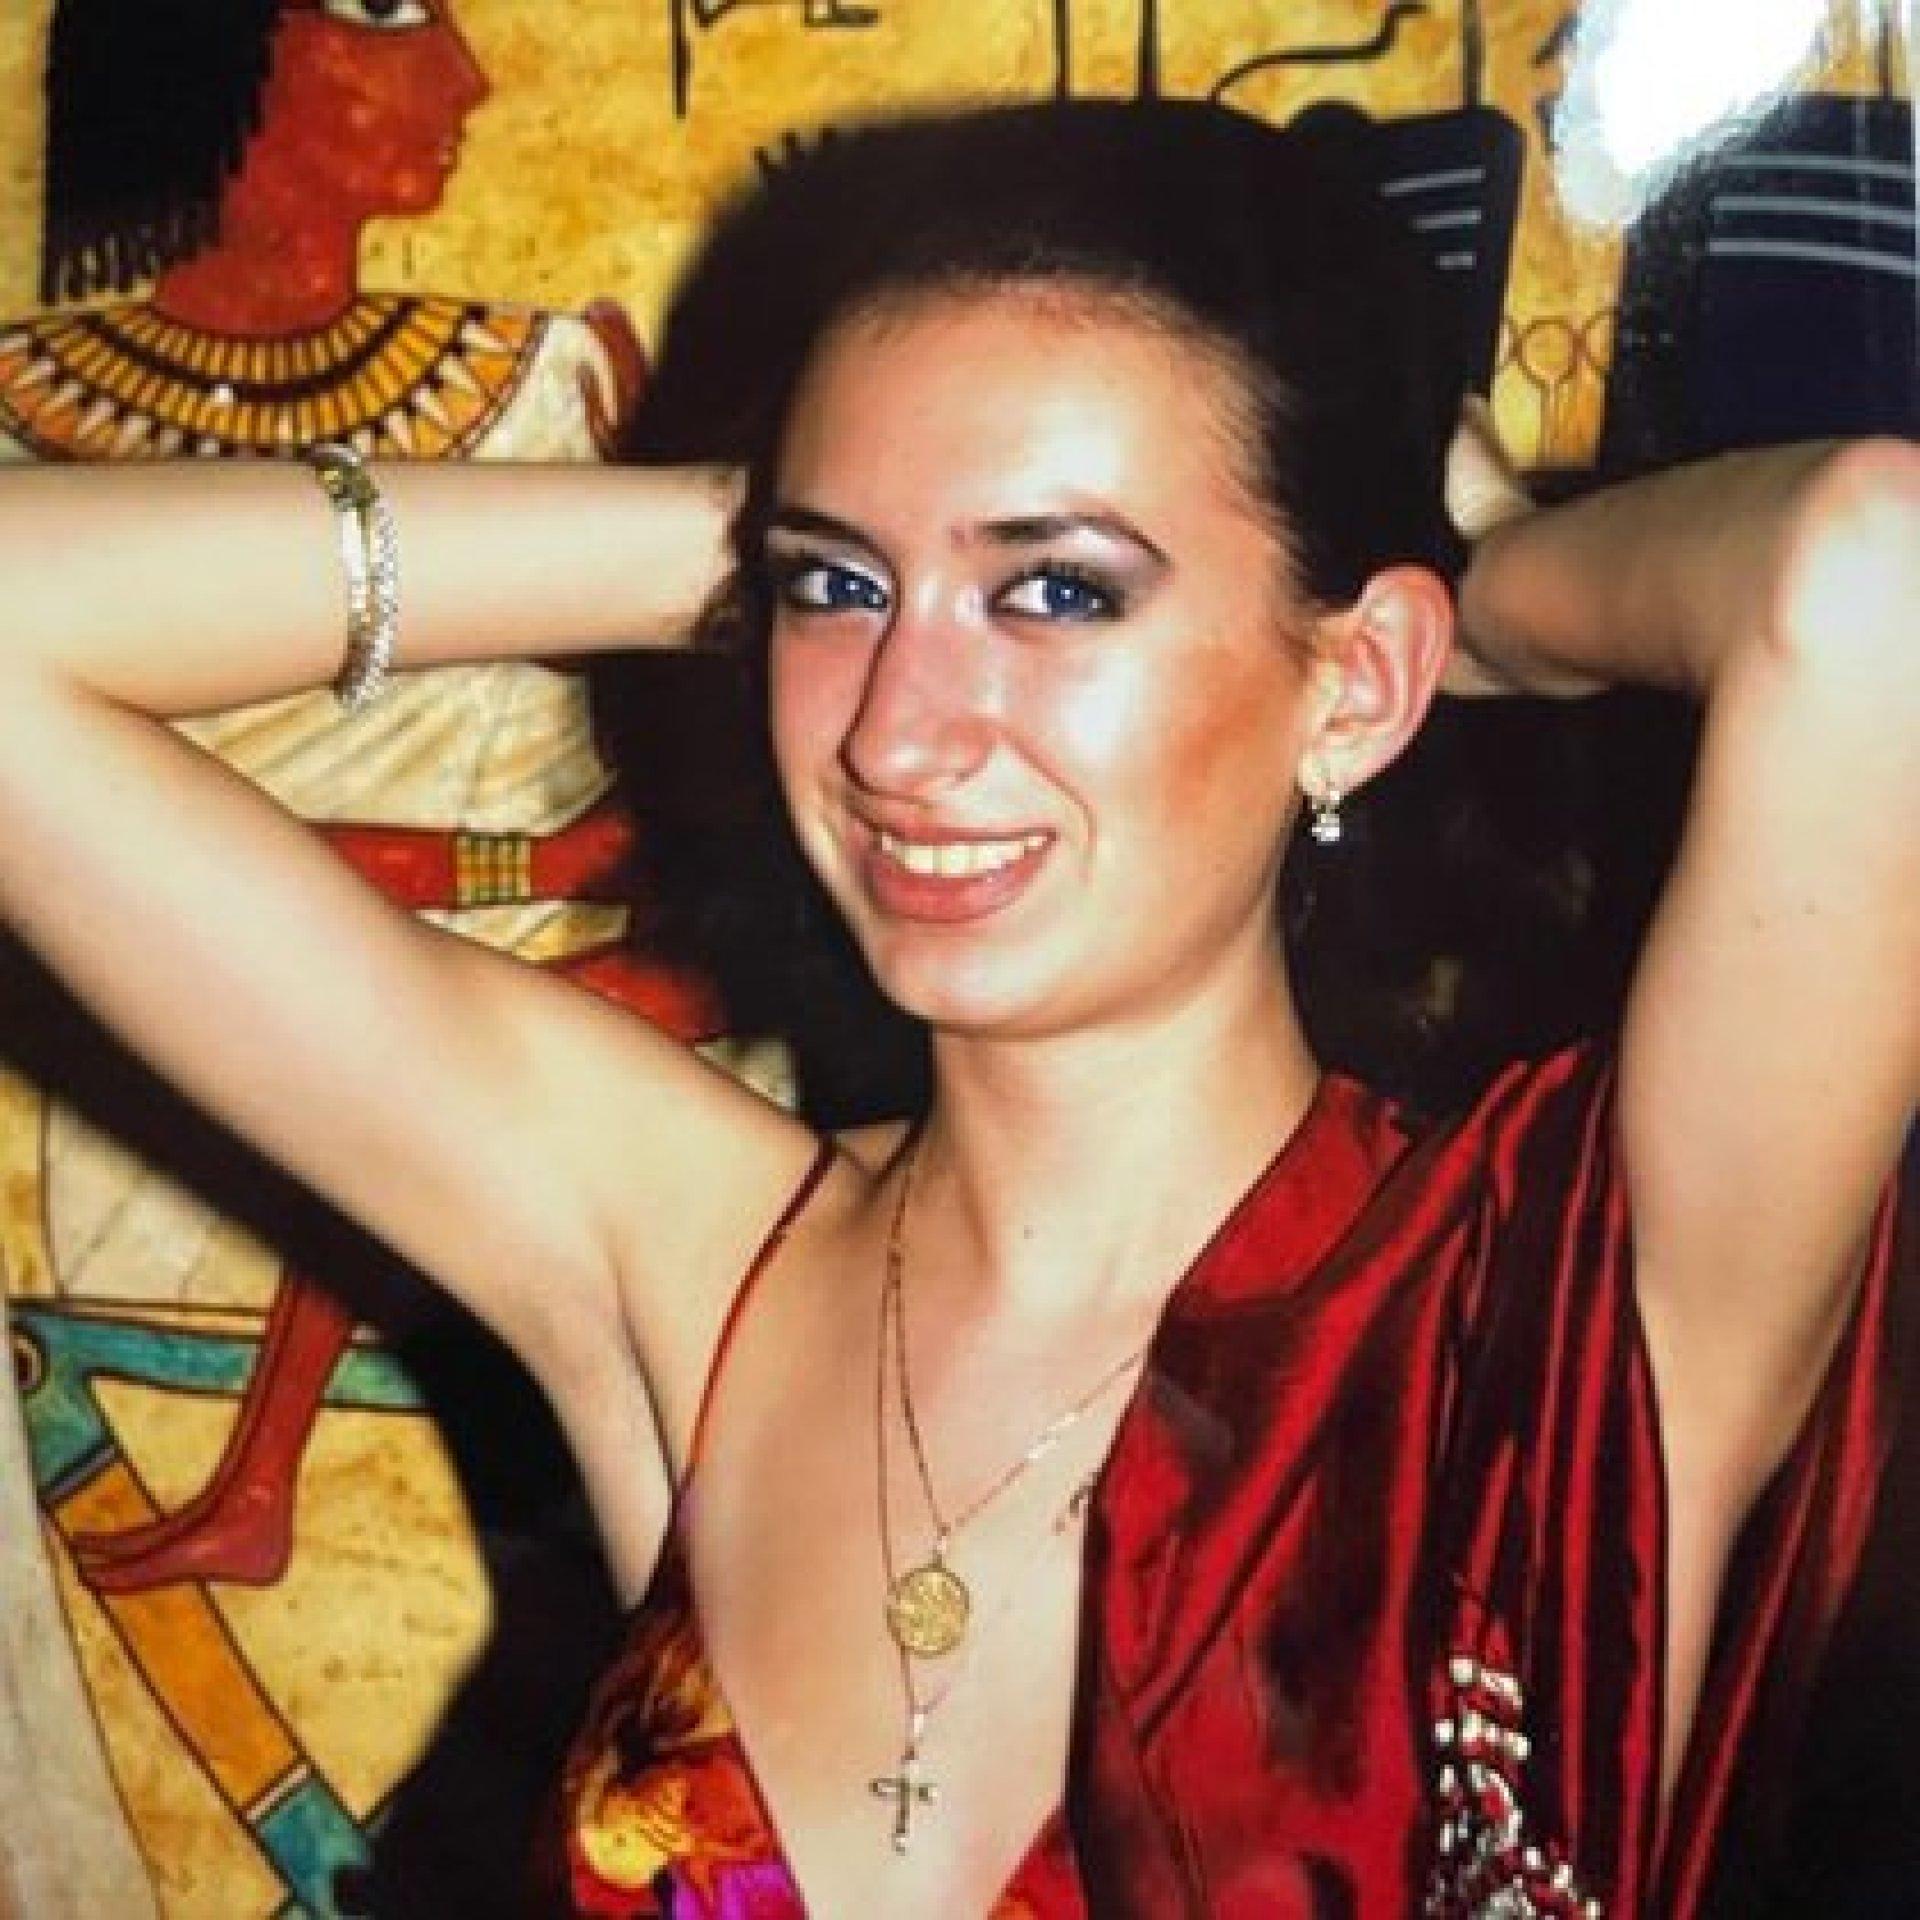 La modelo ucraniana a los 26 años (IG: @_just__queen_)